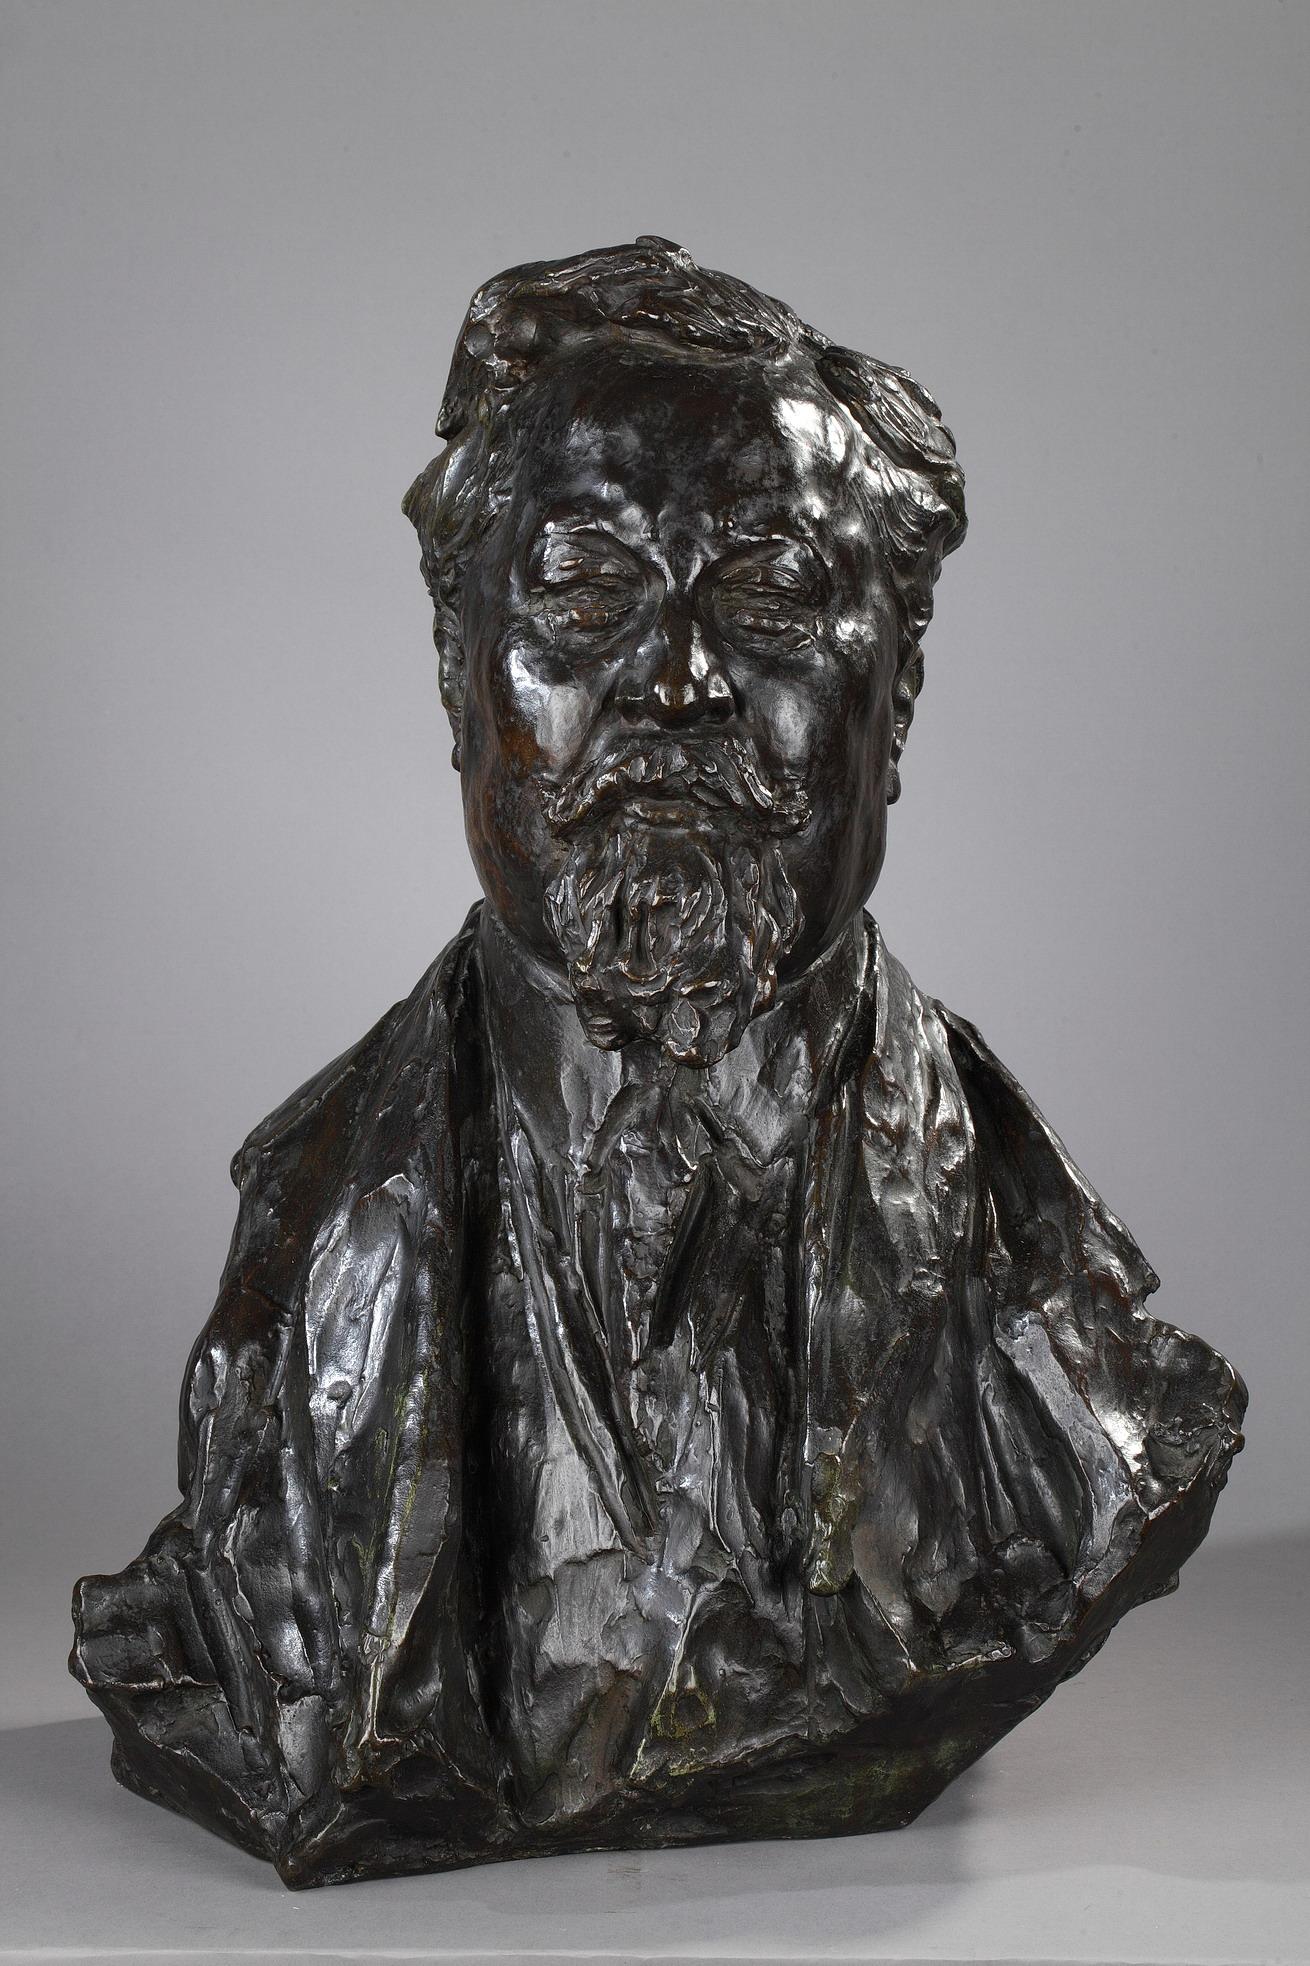 """Léon-Ernest Drivier (1878-1951), """"Portrait d'Albert Dubarry"""", bronze à patine brun vert foncé nuancé, fonte Montagutelli, Haut. 58 cm, sculptures - galerie Tourbillon, Paris"""